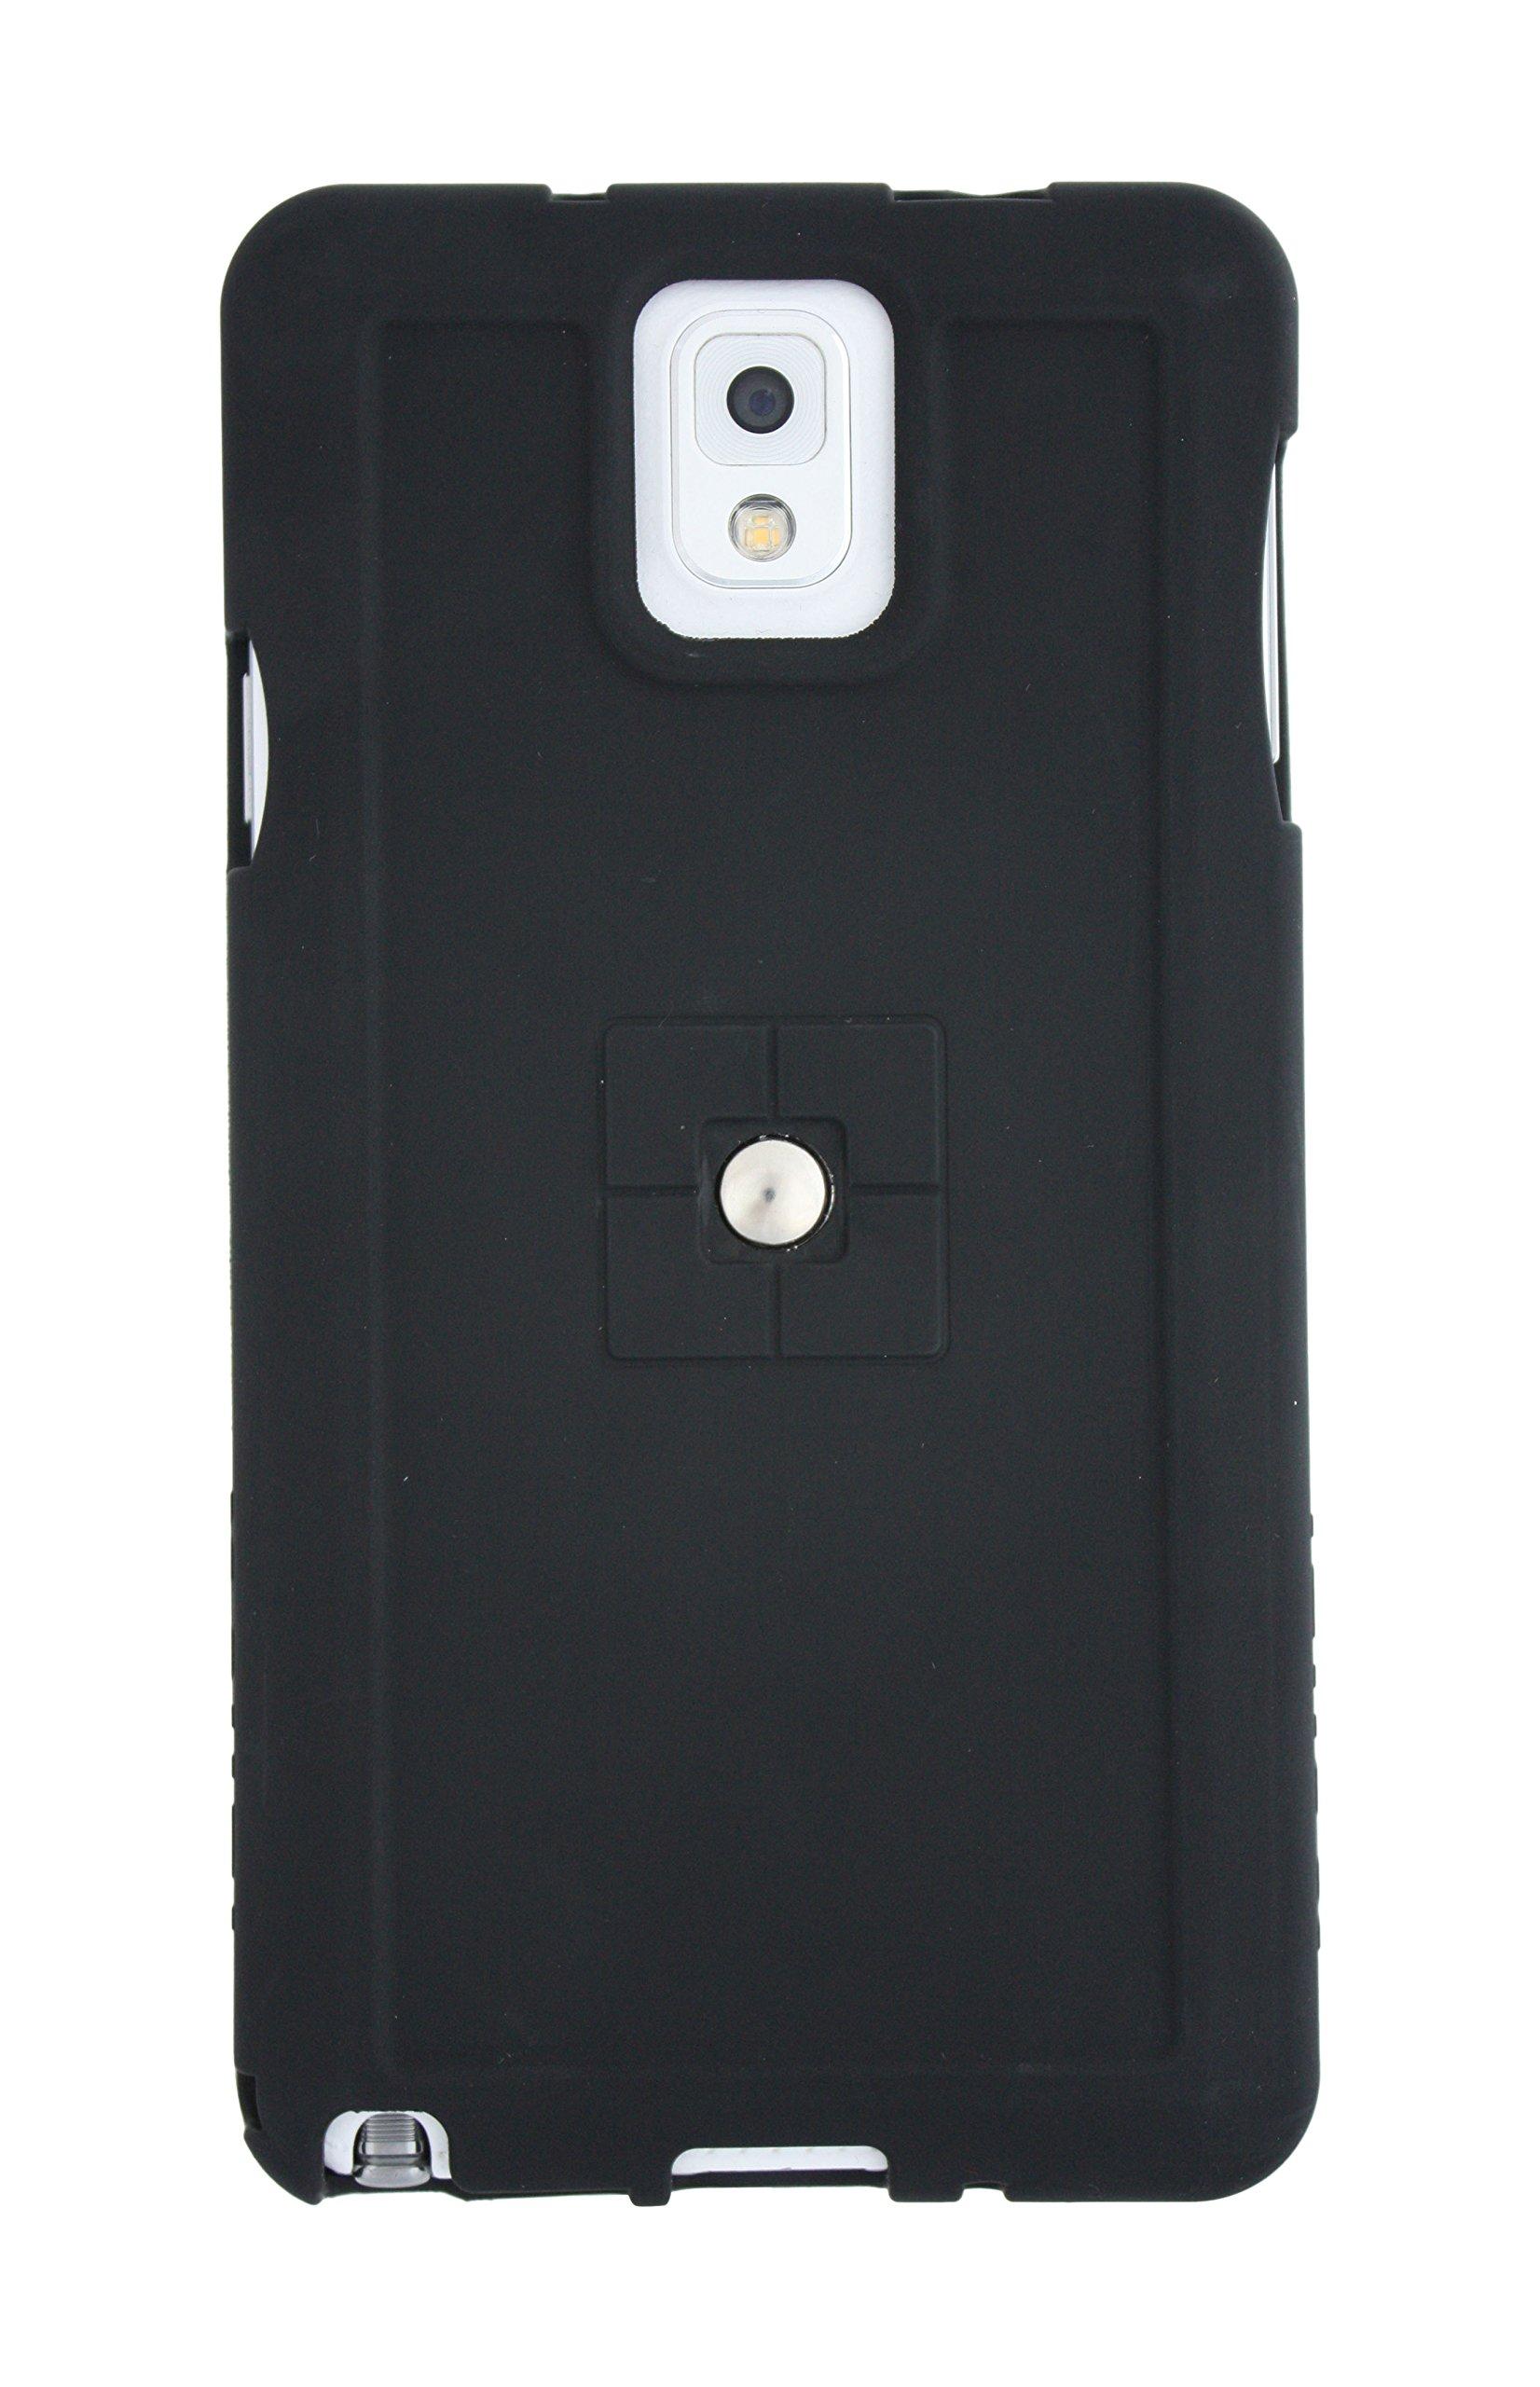 Walmec T12211/B Supporto Magnetico per Smartphone, Nero